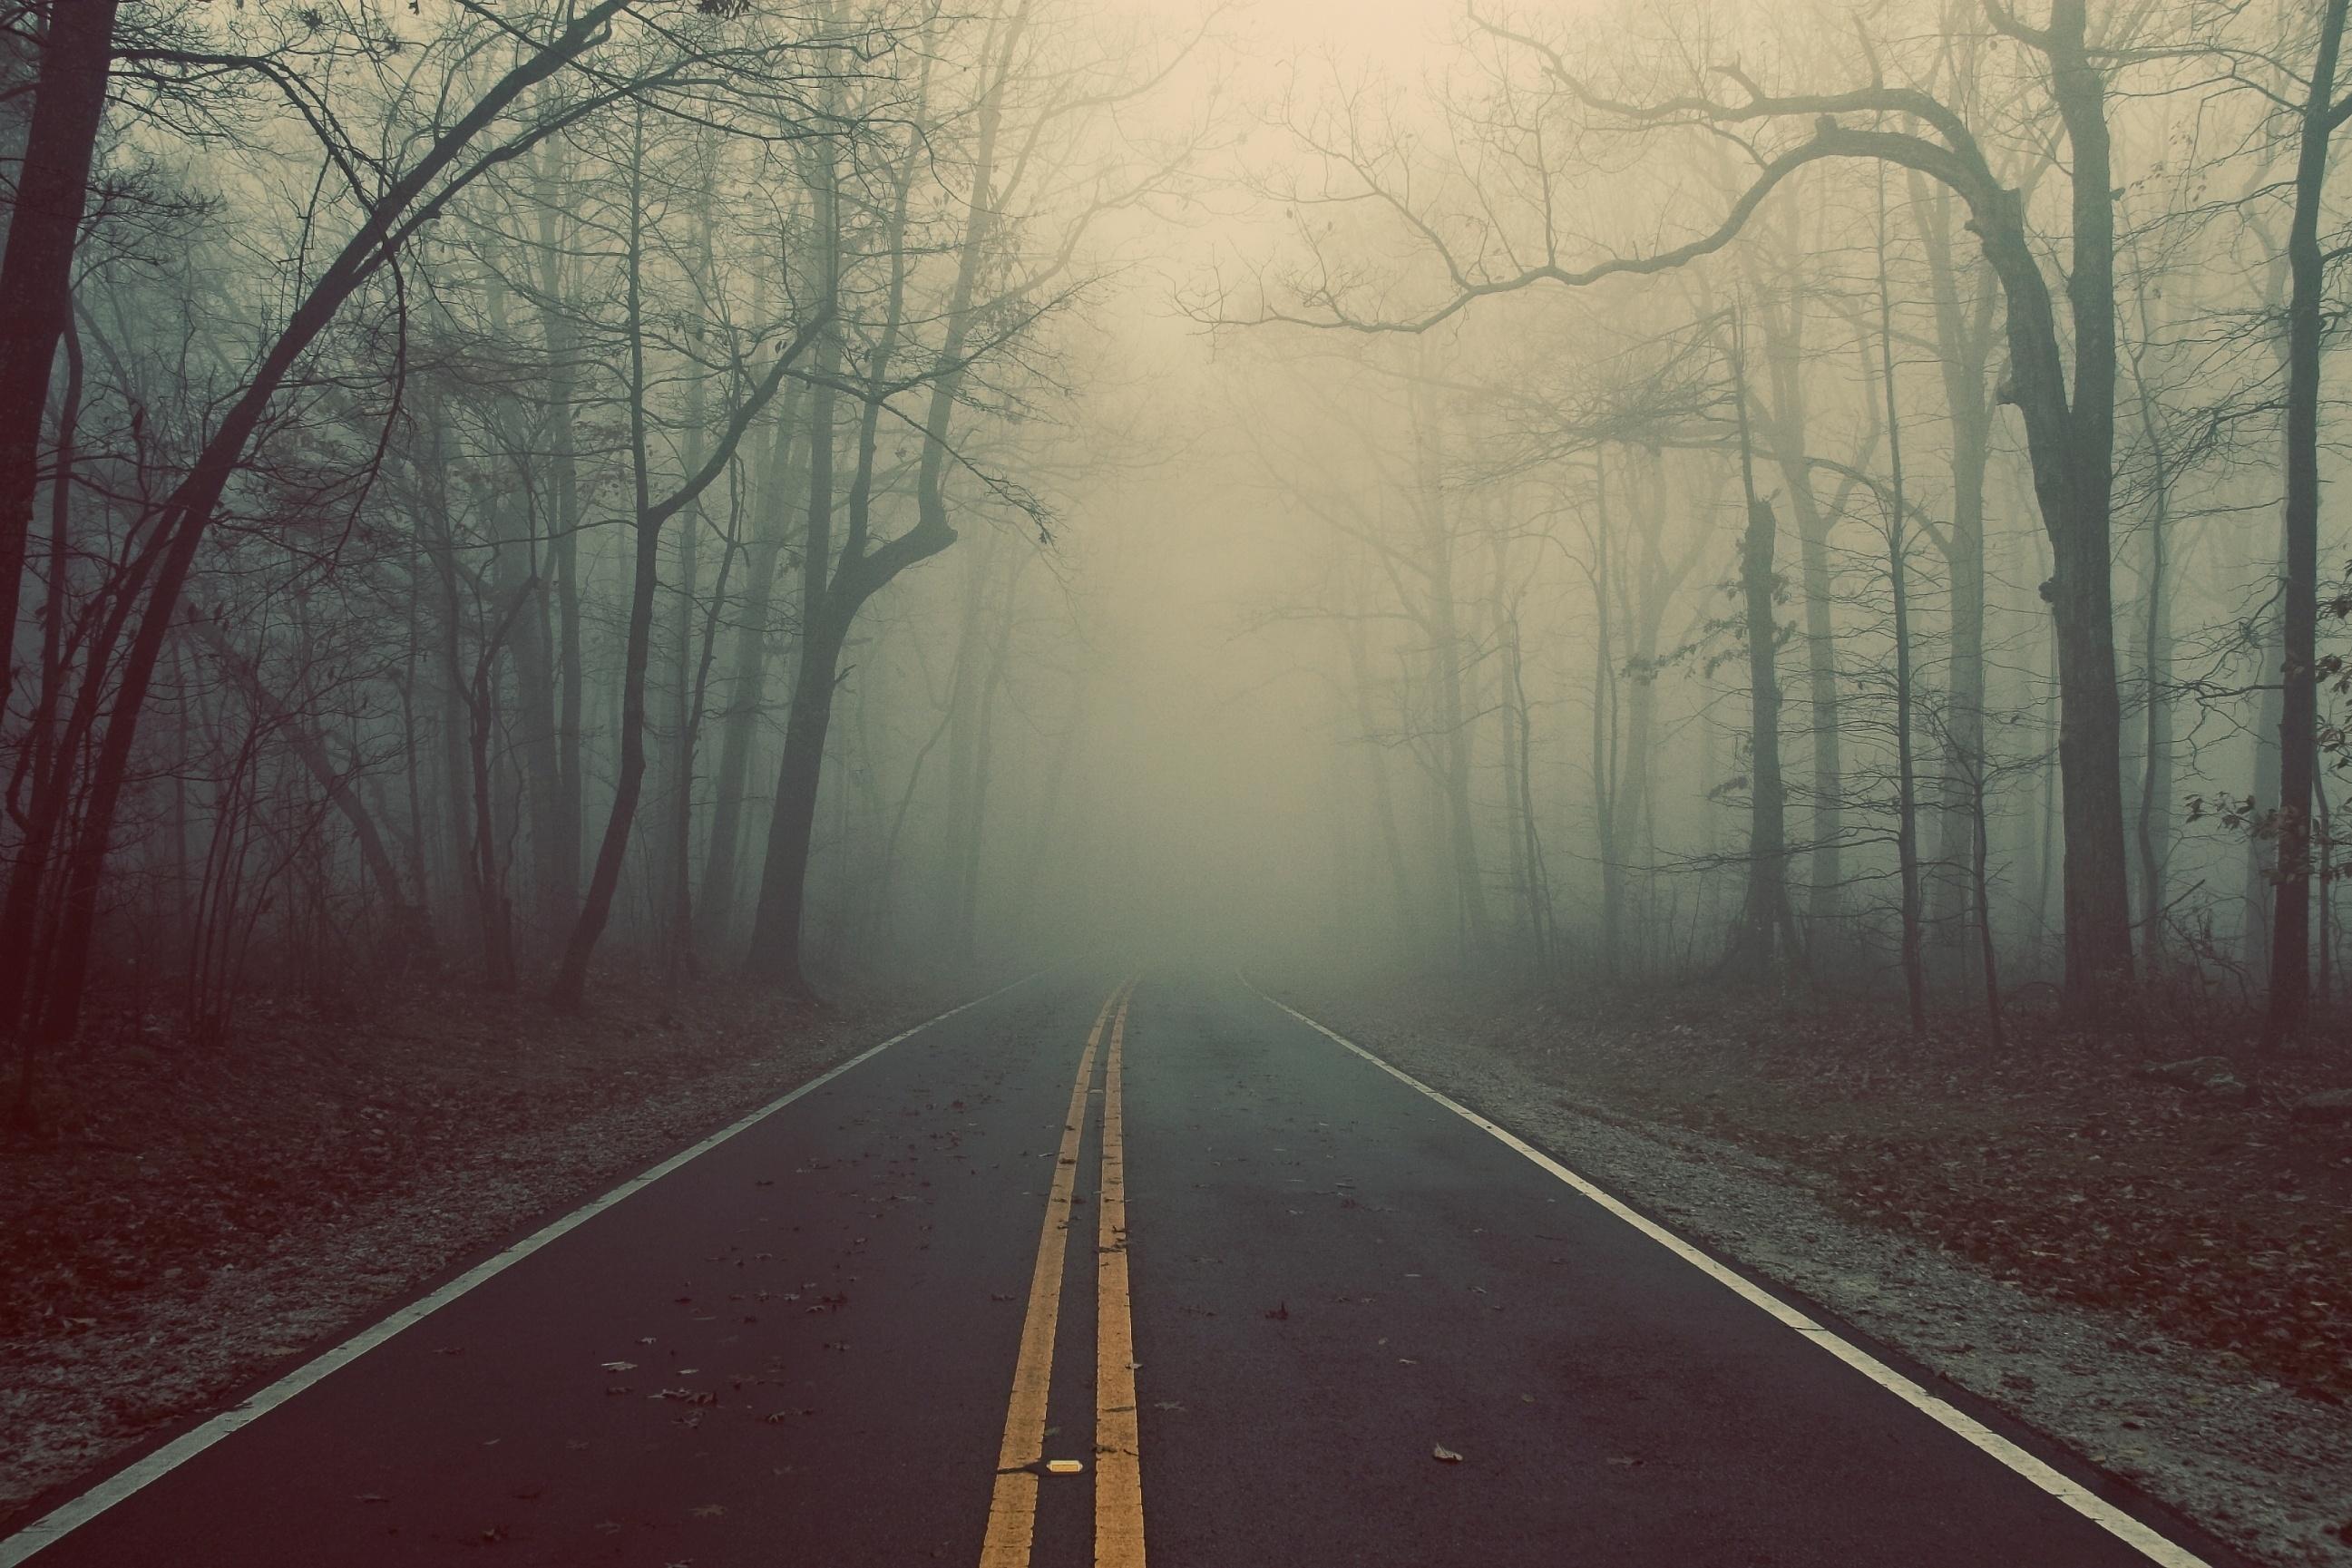 В Крыму неделя начнется с тумана, дождей и ветра (прогноз погоды на 3 декабря)